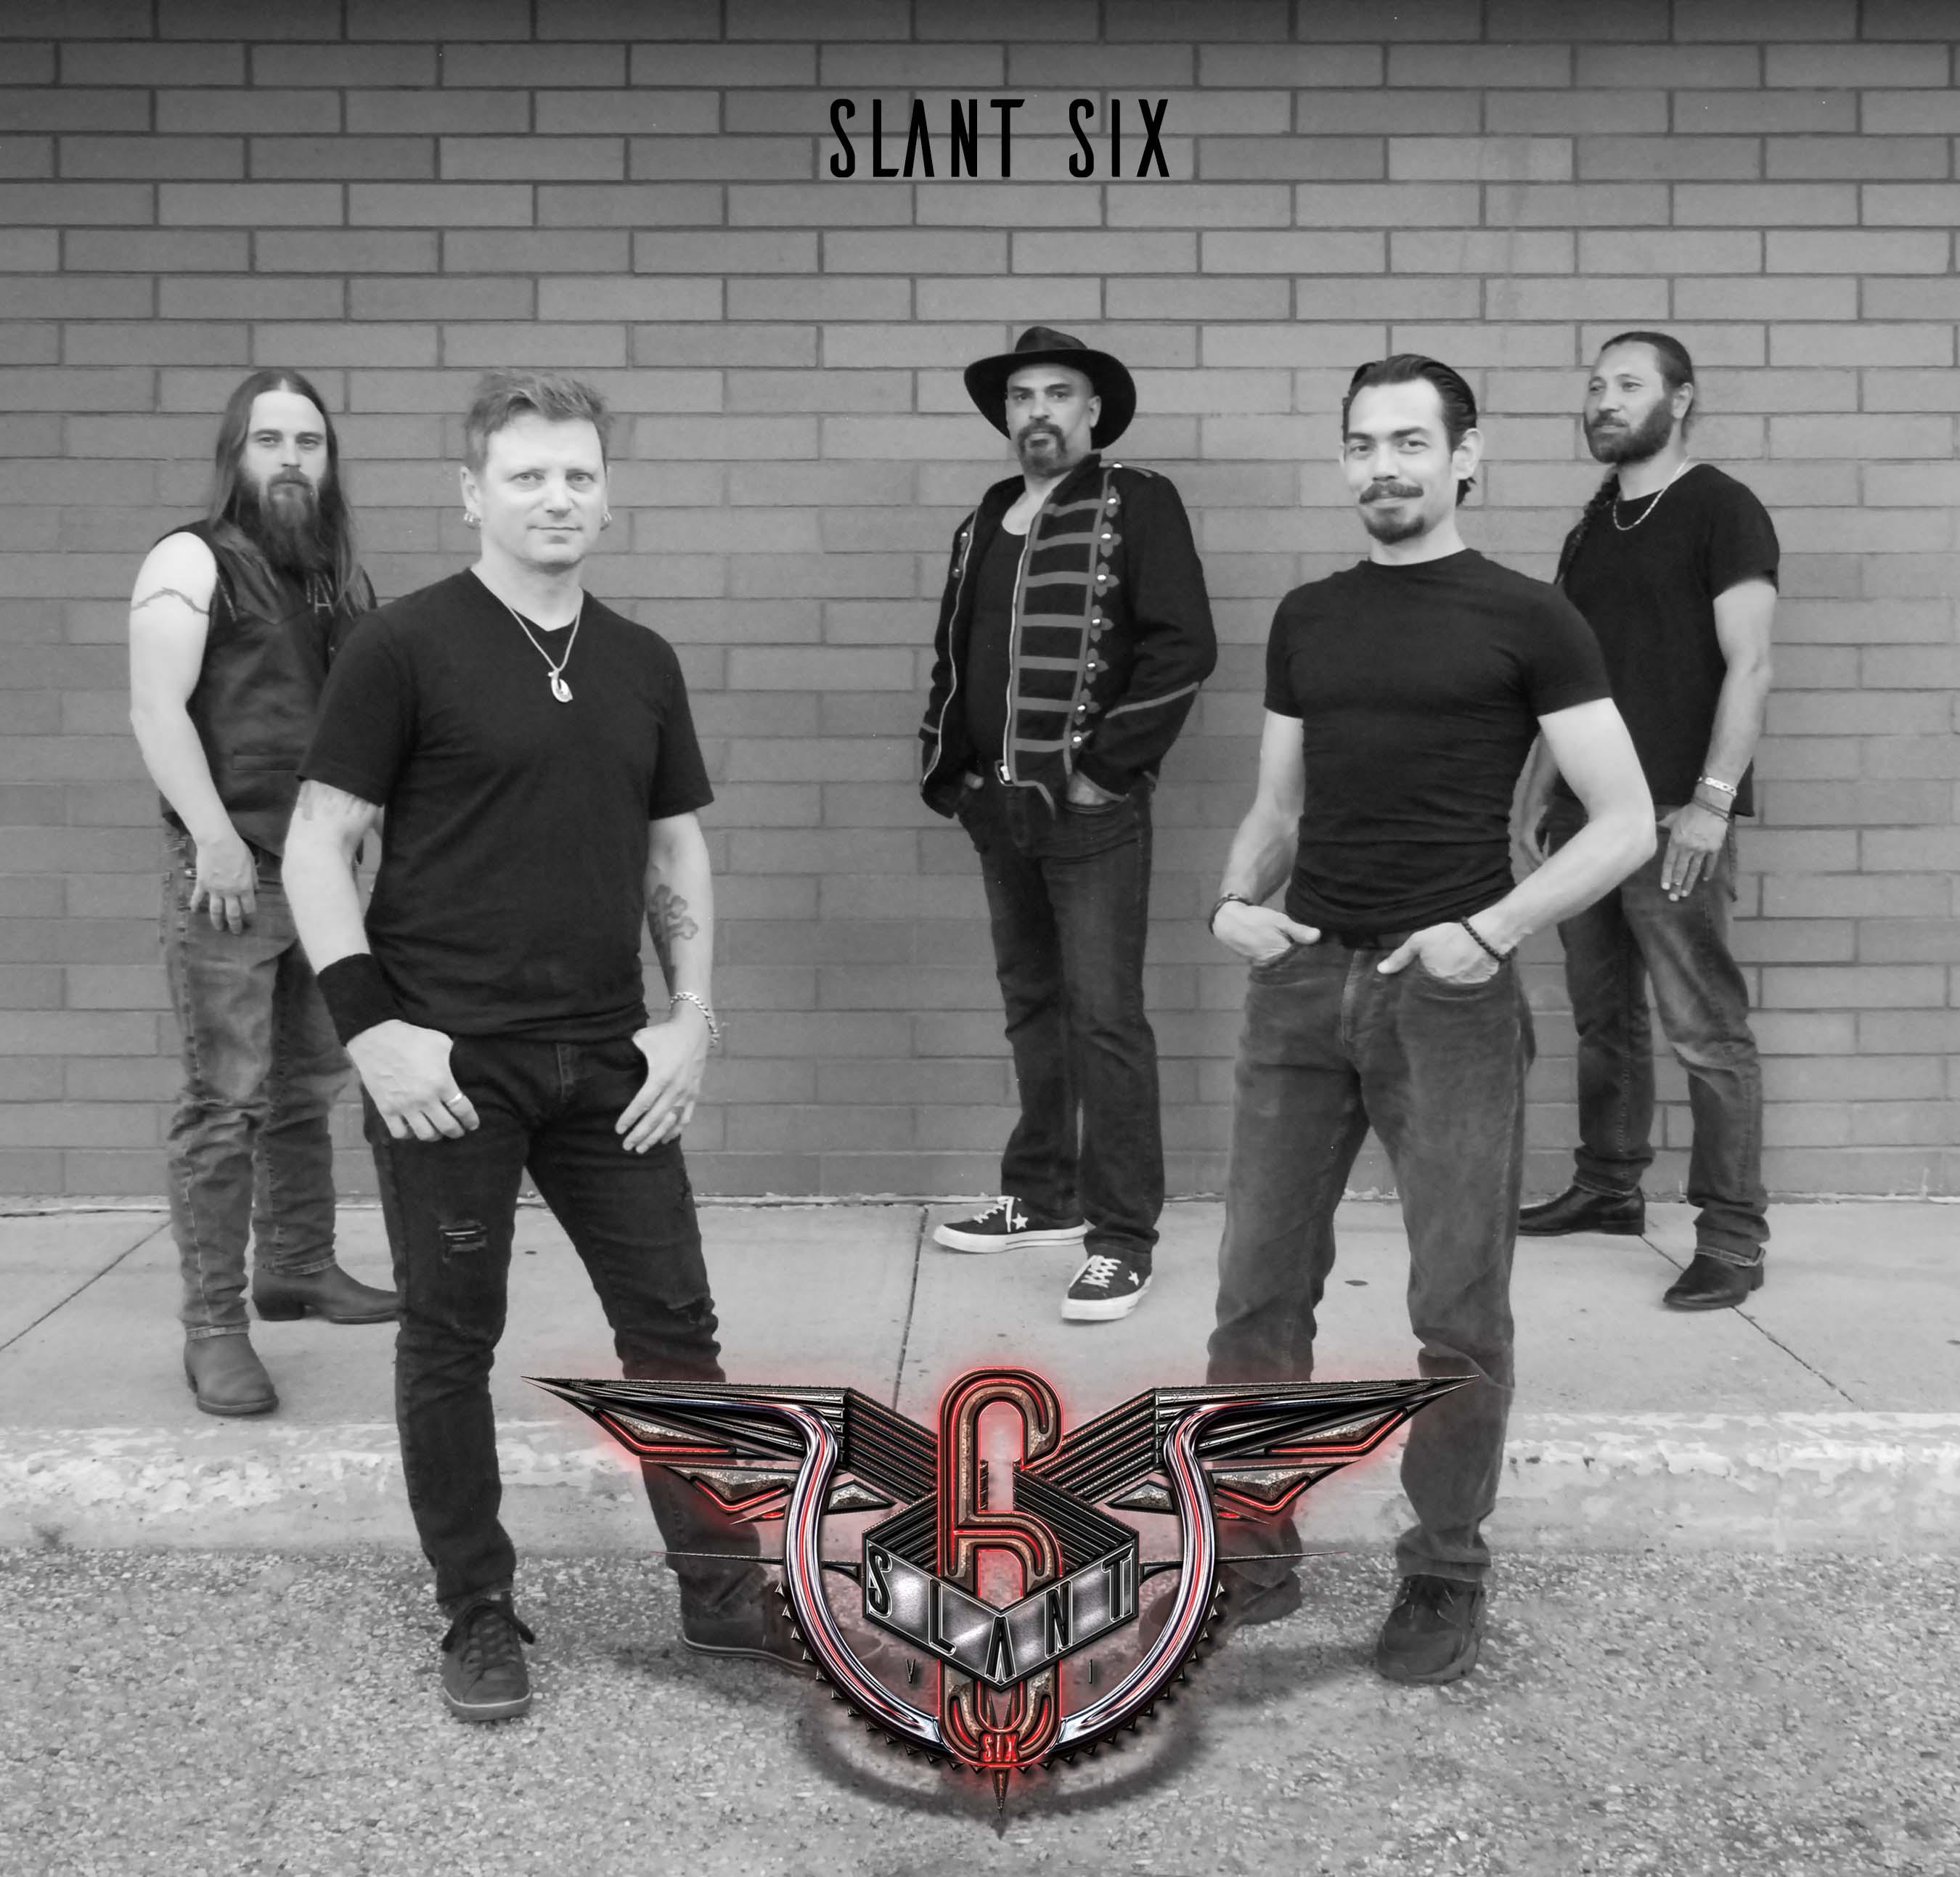 Slant Six